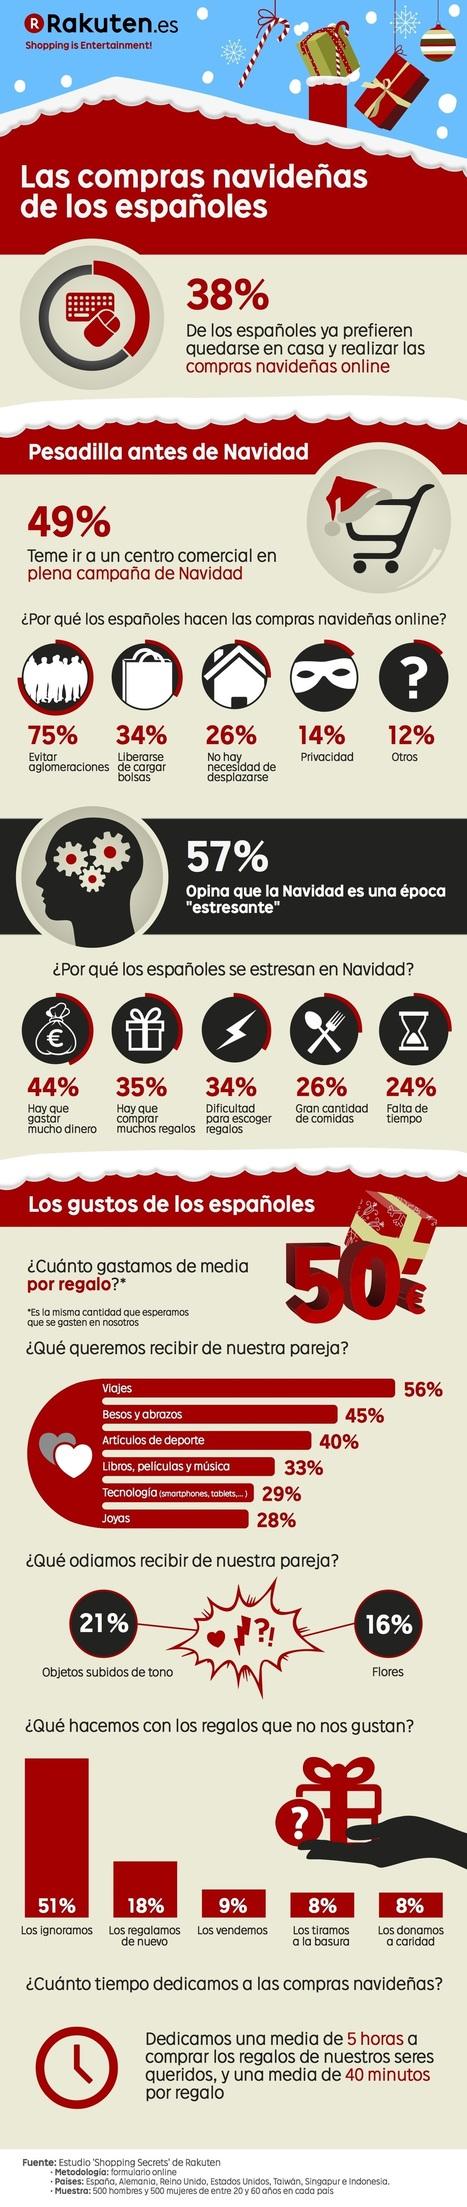 Las compras navideñas de los españoles #infografia #infographic #marketing | Seo, Social Media Marketing | Scoop.it